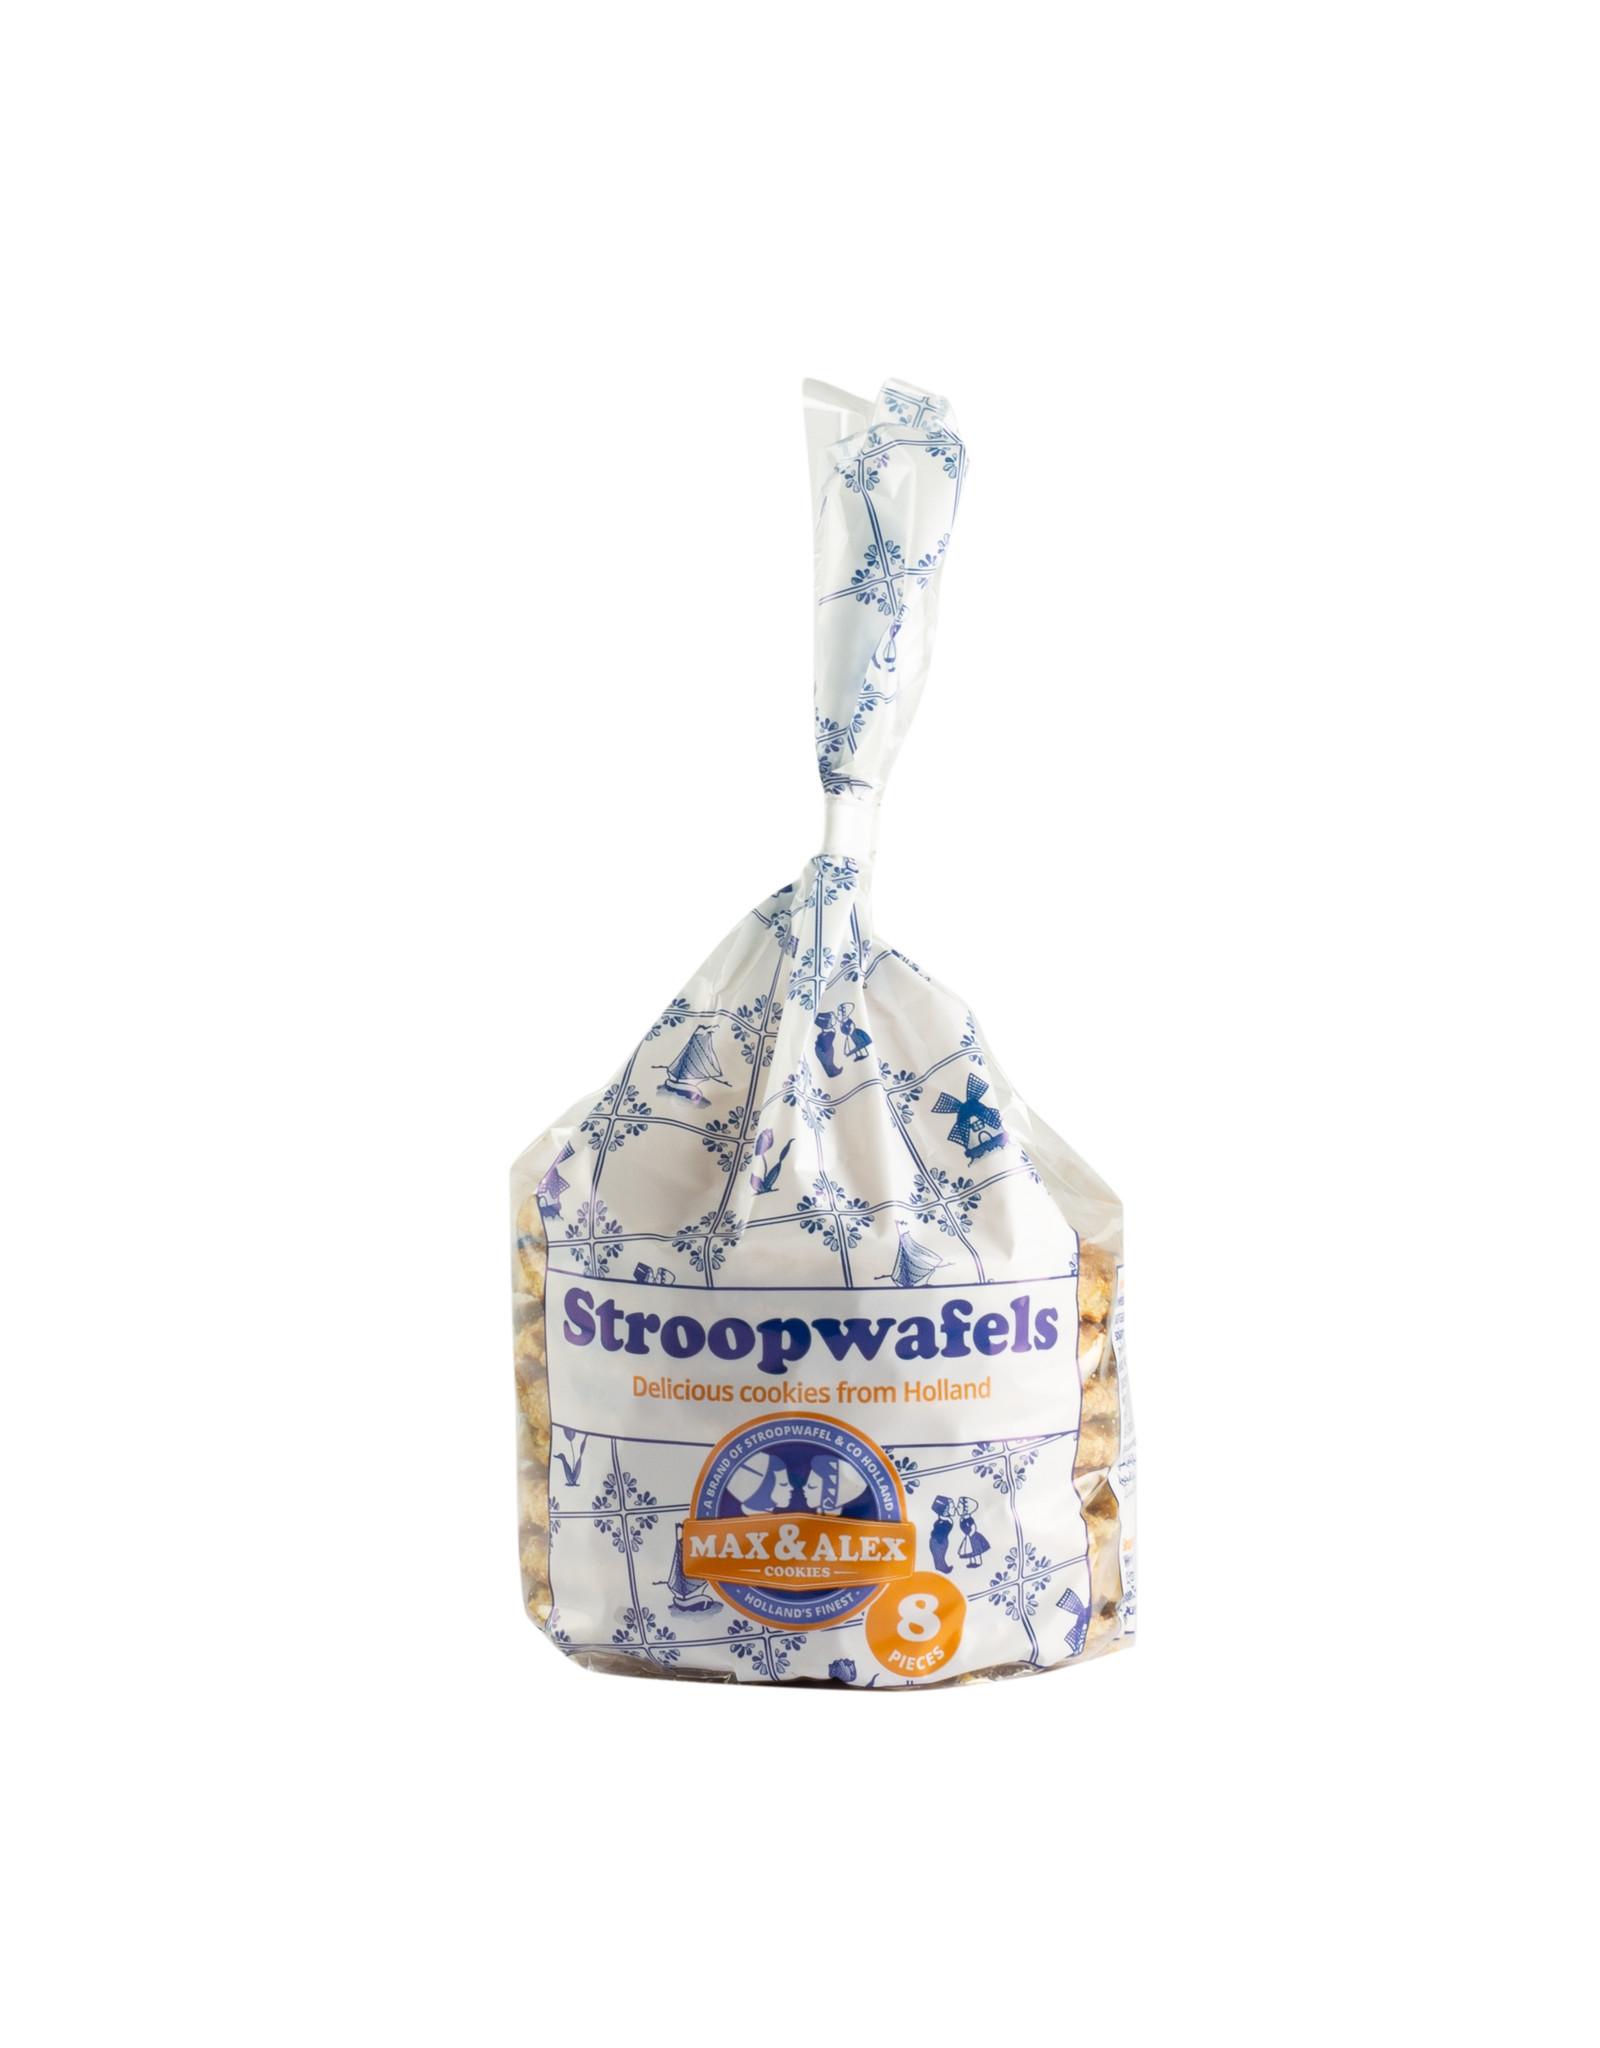 Max & Alex Max & Alex Stroopwafels in Delftsblauw Blik (250 gram)